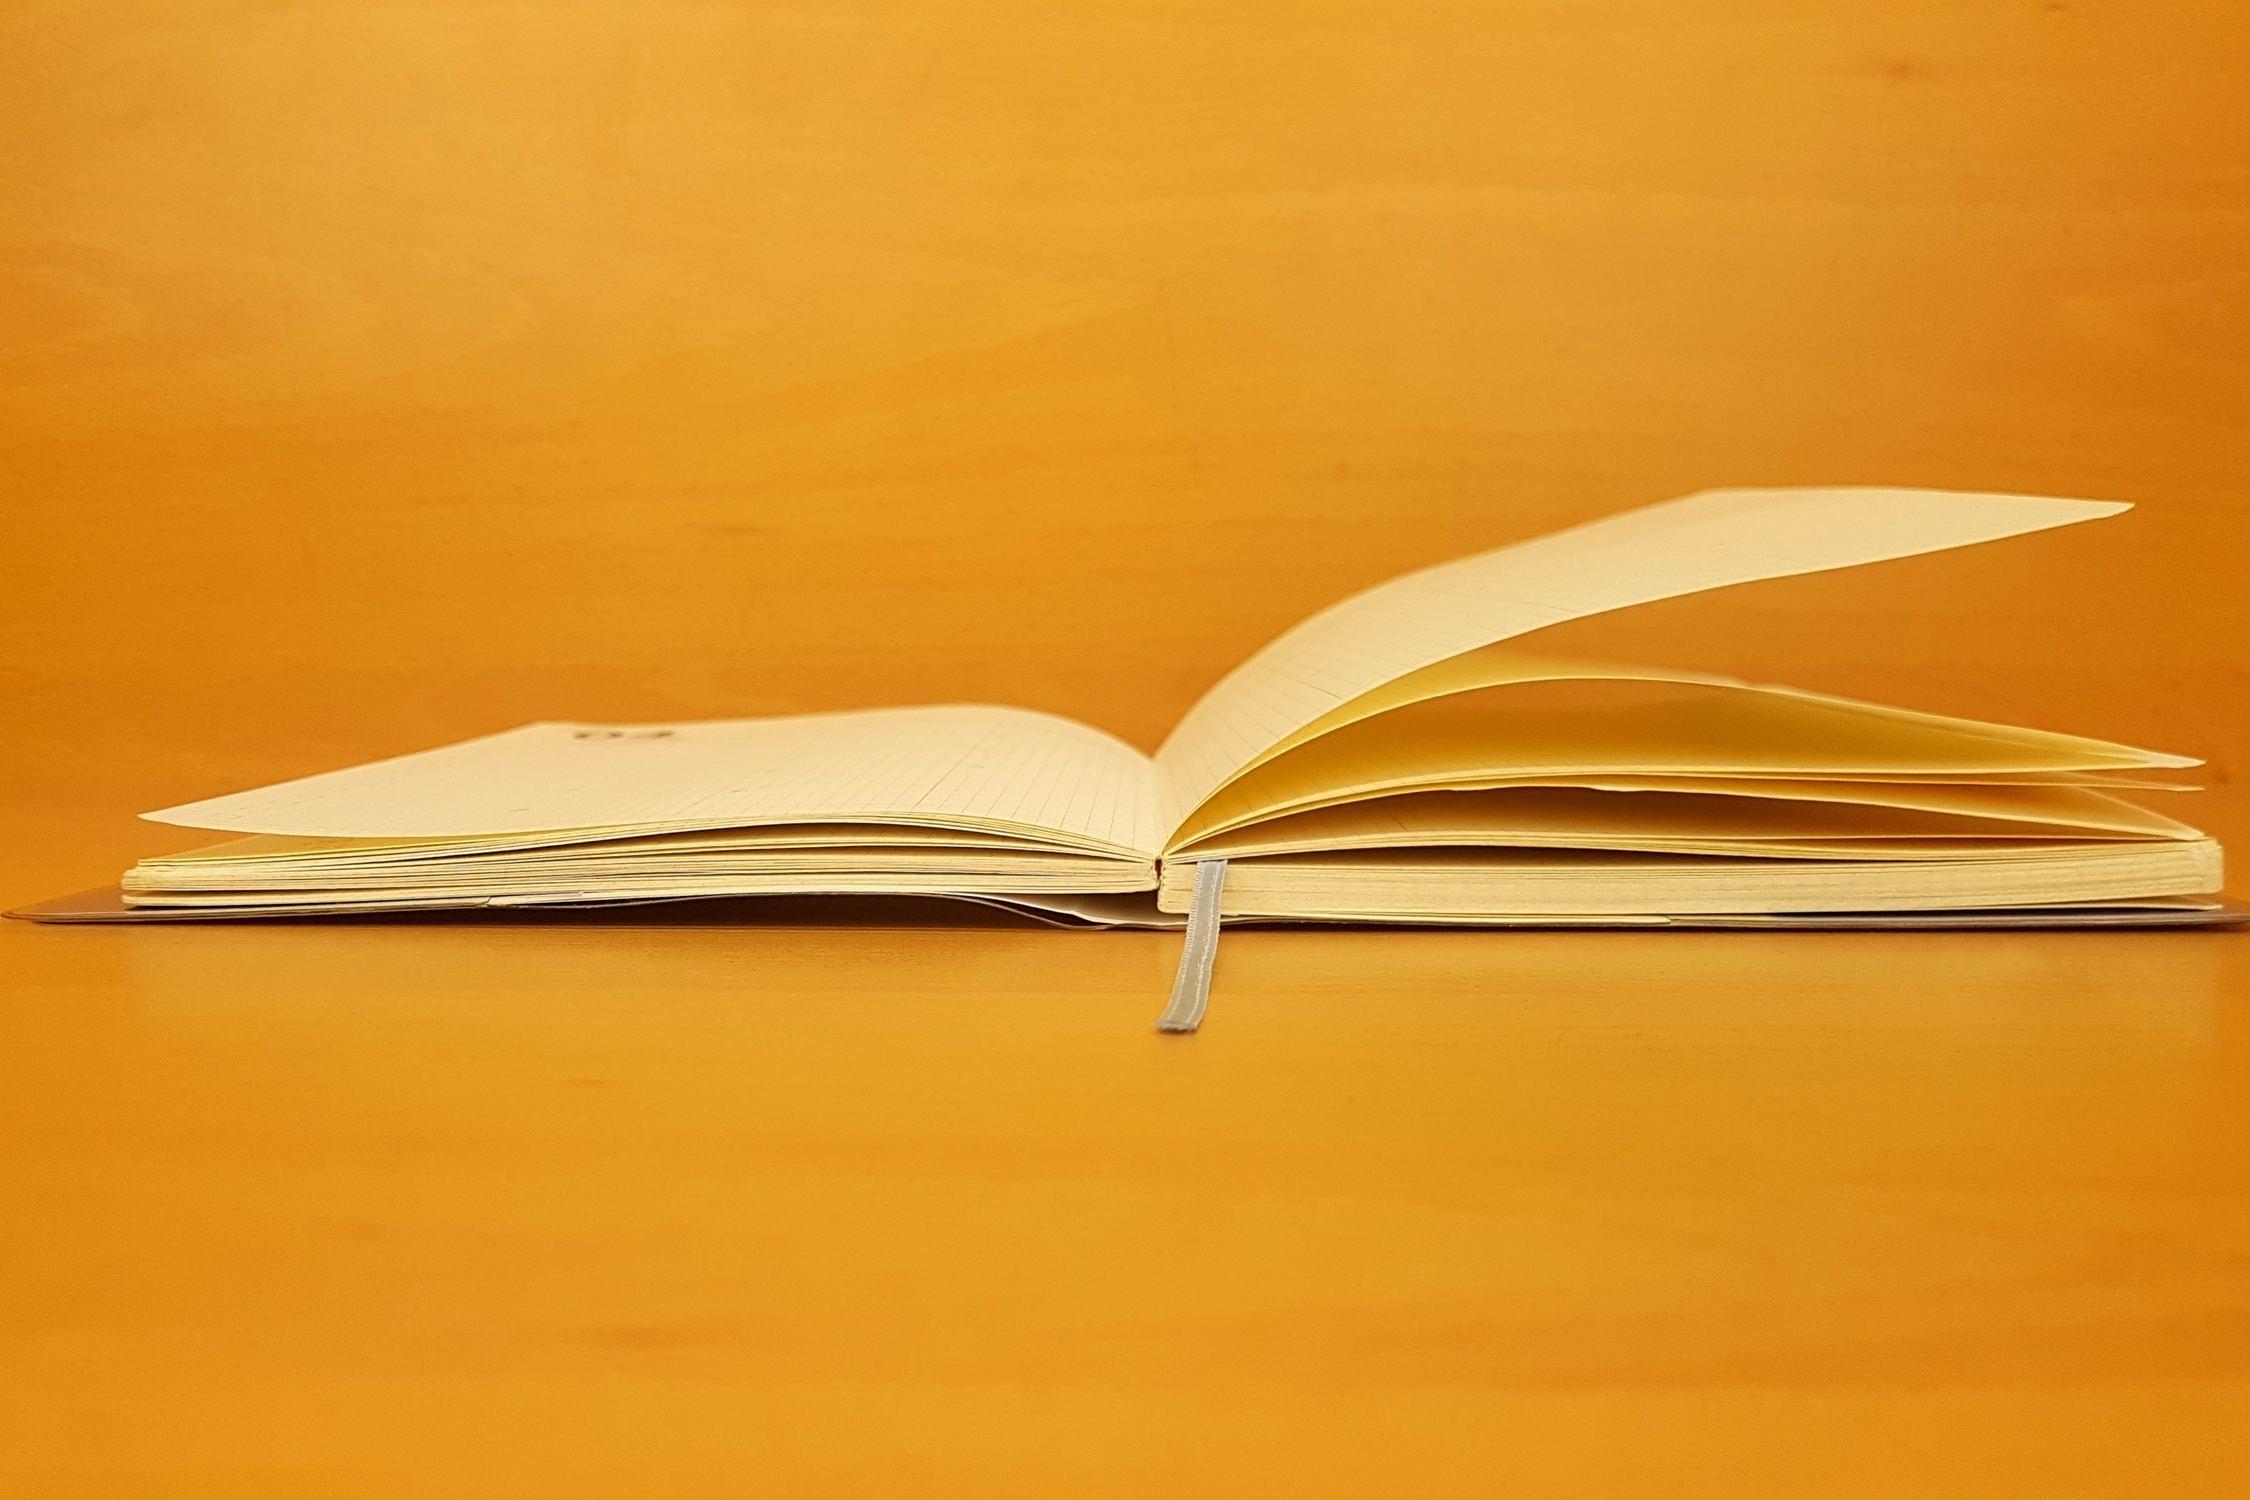 startup entrepreneur books